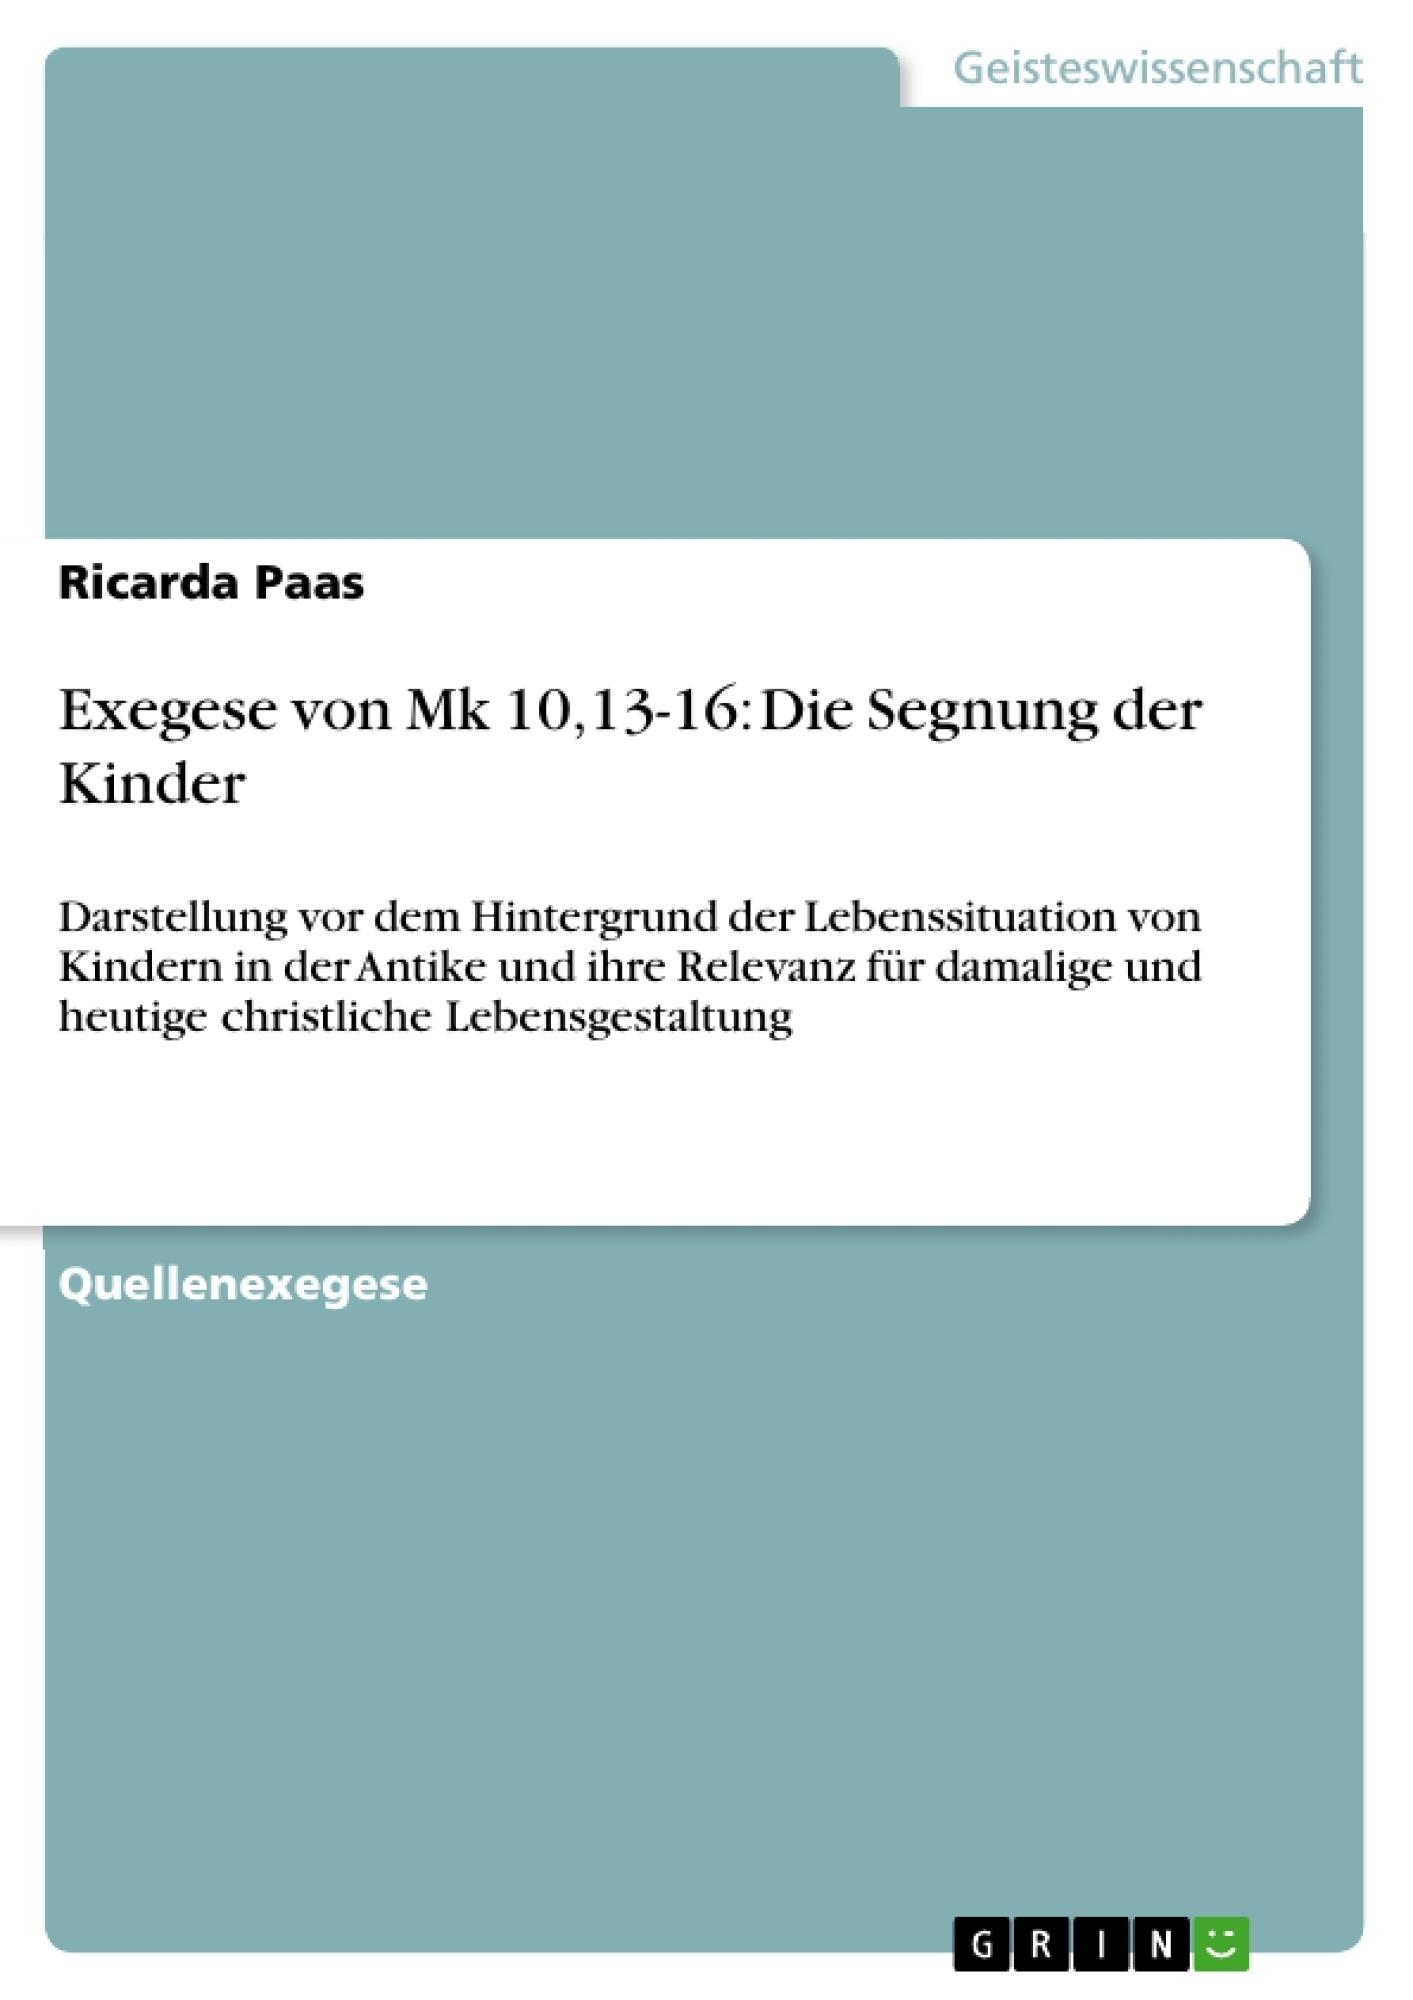 Titel: Exegese von Mk 10,13-16: Die Segnung der Kinder